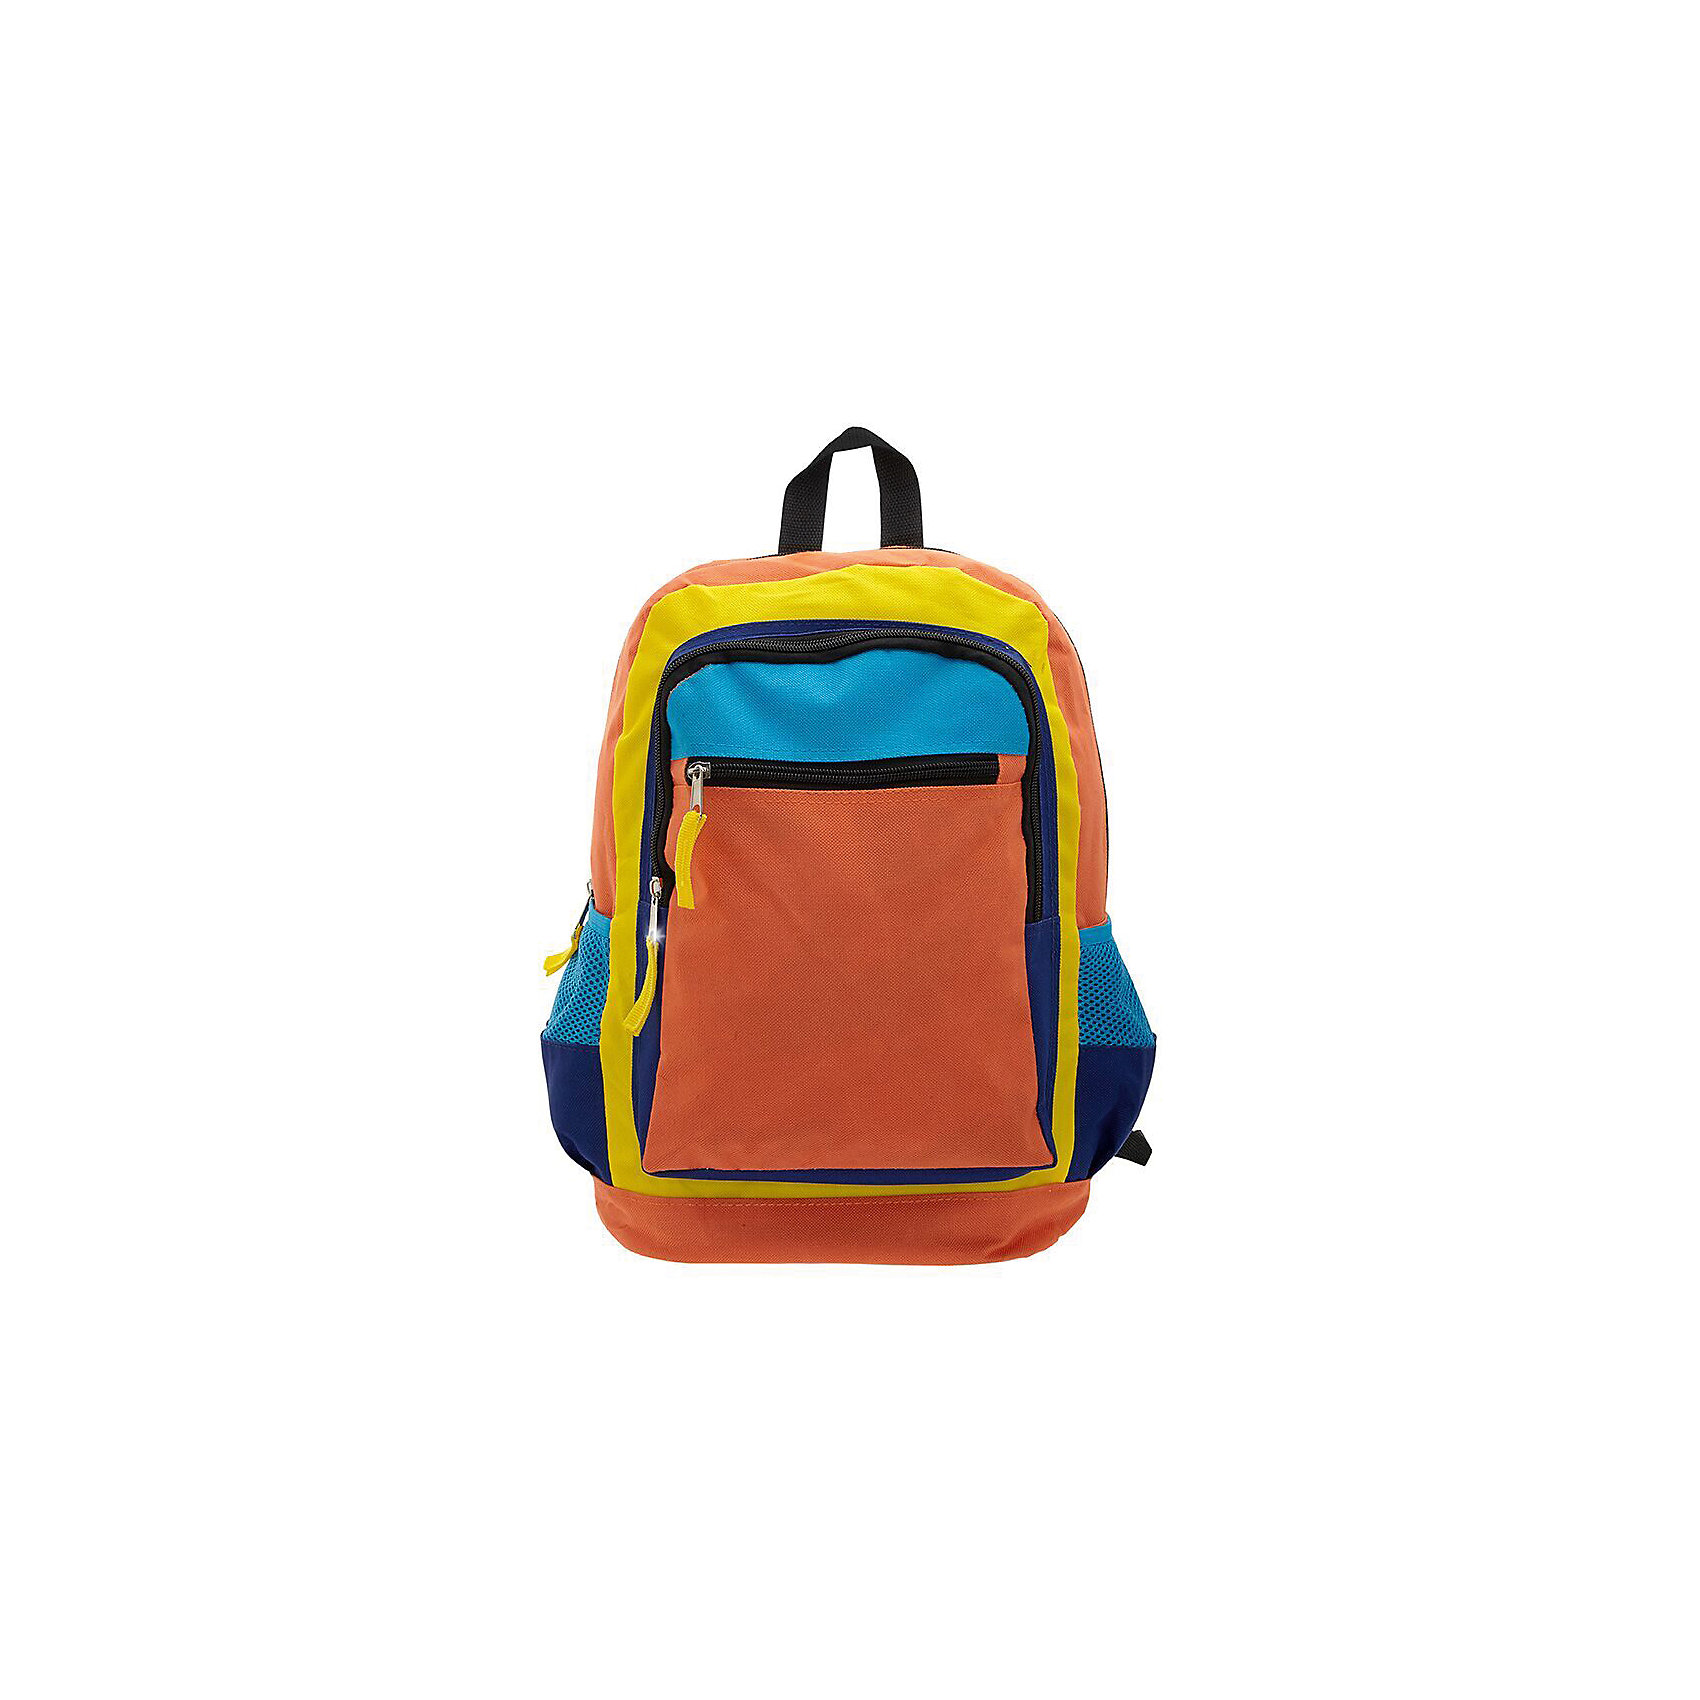 Рюкзак Оранжевое настроение, цвет оранжевый с синимРюкзаки<br>Вес: 0,3 кг<br>Размер: 38х28х16 см<br>Состав: рюкзак<br>Наличие светоотражающих элементов: нет<br>Материал: полиэстер<br><br>Ширина мм: 380<br>Глубина мм: 280<br>Высота мм: 160<br>Вес г: 300<br>Возраст от месяцев: 60<br>Возраст до месяцев: 120<br>Пол: Унисекс<br>Возраст: Детский<br>SKU: 7054021